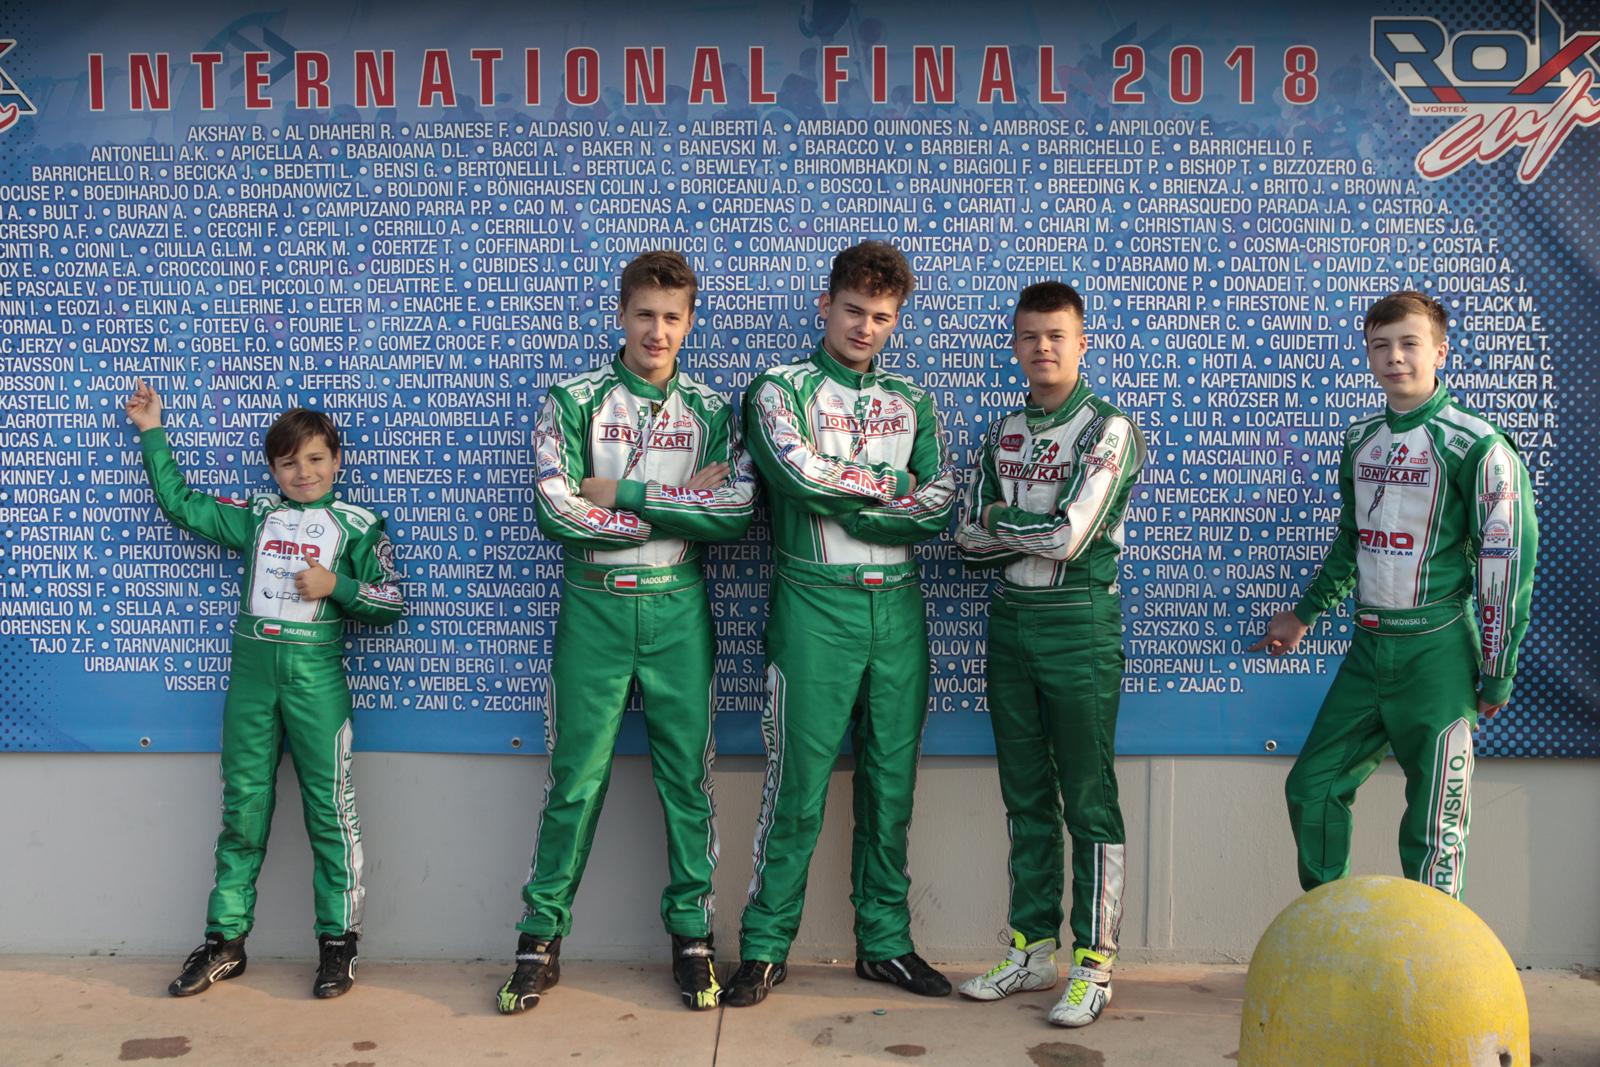 Rok International Final 2018